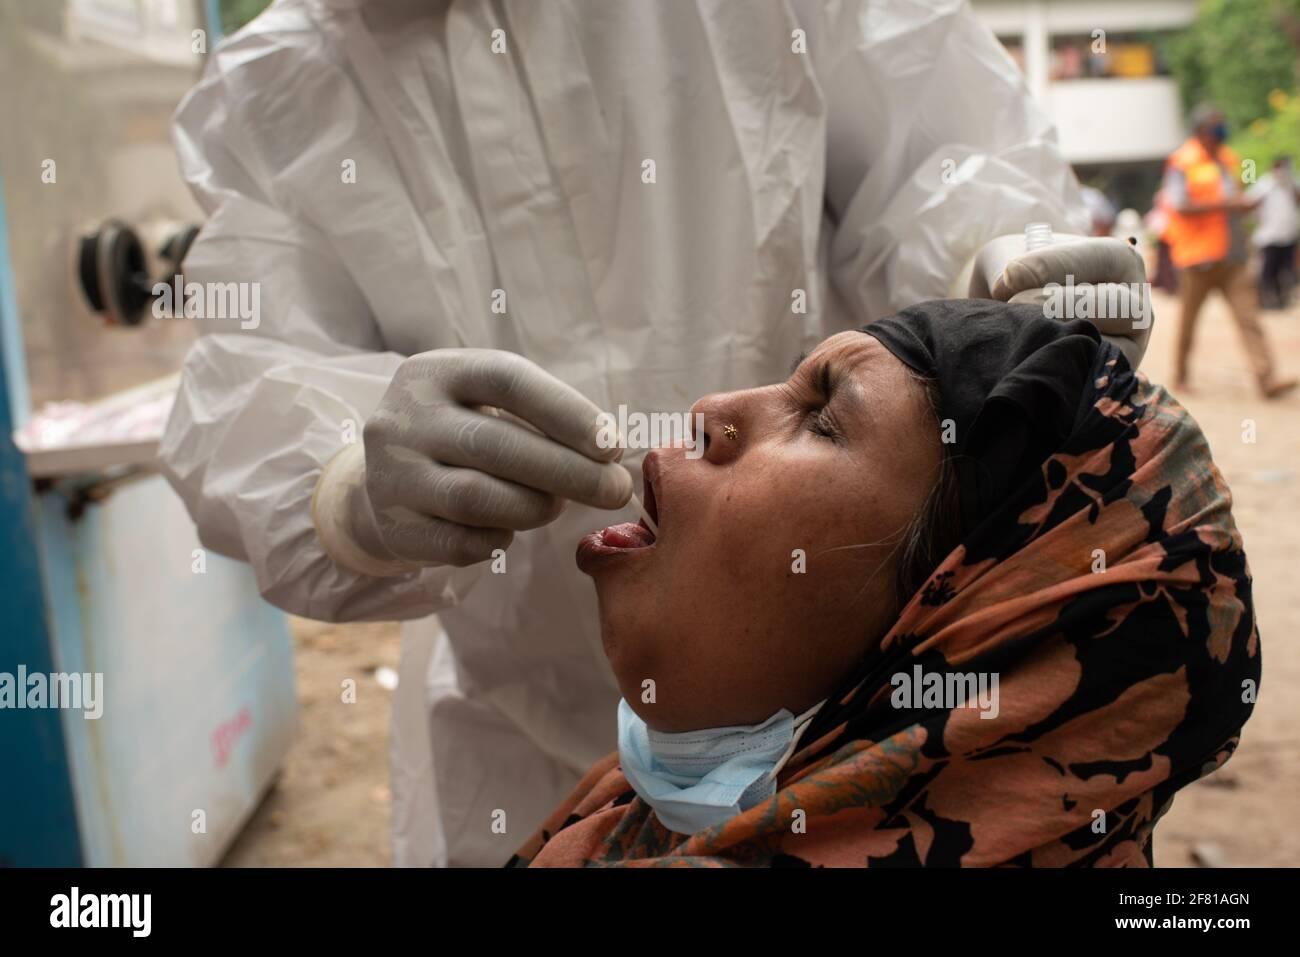 Dhaka, Bangladesch. April 2021. Eine Frau reagiert, als eine medizinische Mitarbeiterin, die persönliche Schutzausrüstung trägt, einen Tupfer von ihr nimmt, um in einem Krankenhaus in Dhaka auf eine Coronavirus-Krankheit (COVID-19) zu testen. Quelle: Fatima-Tuj Johora/ZUMA Wire/Alamy Live News Stockfoto